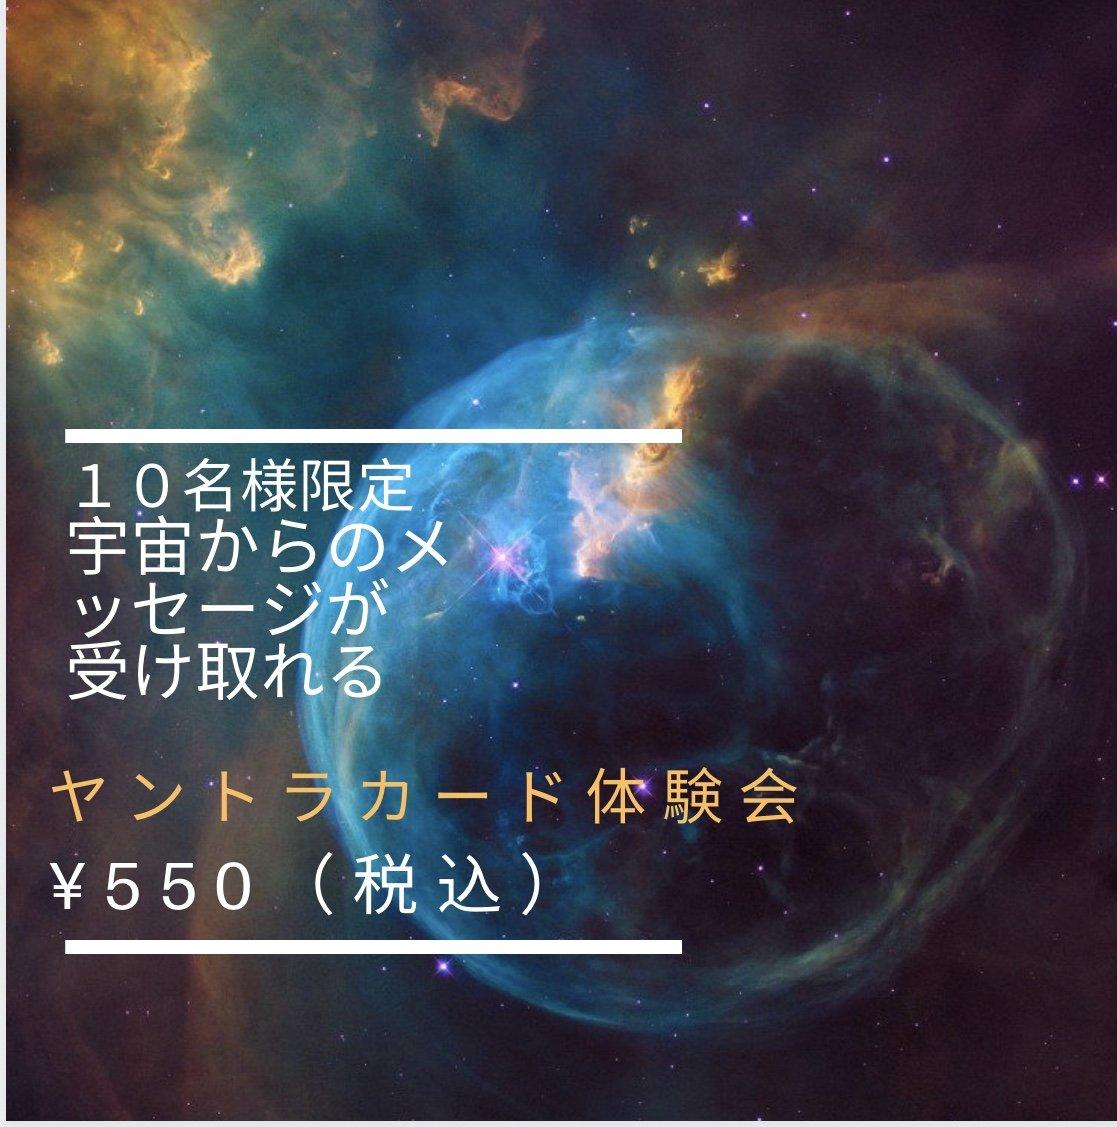 10名様限定宇宙からのメッセージ  ヤントラカード体験会のイメージその1